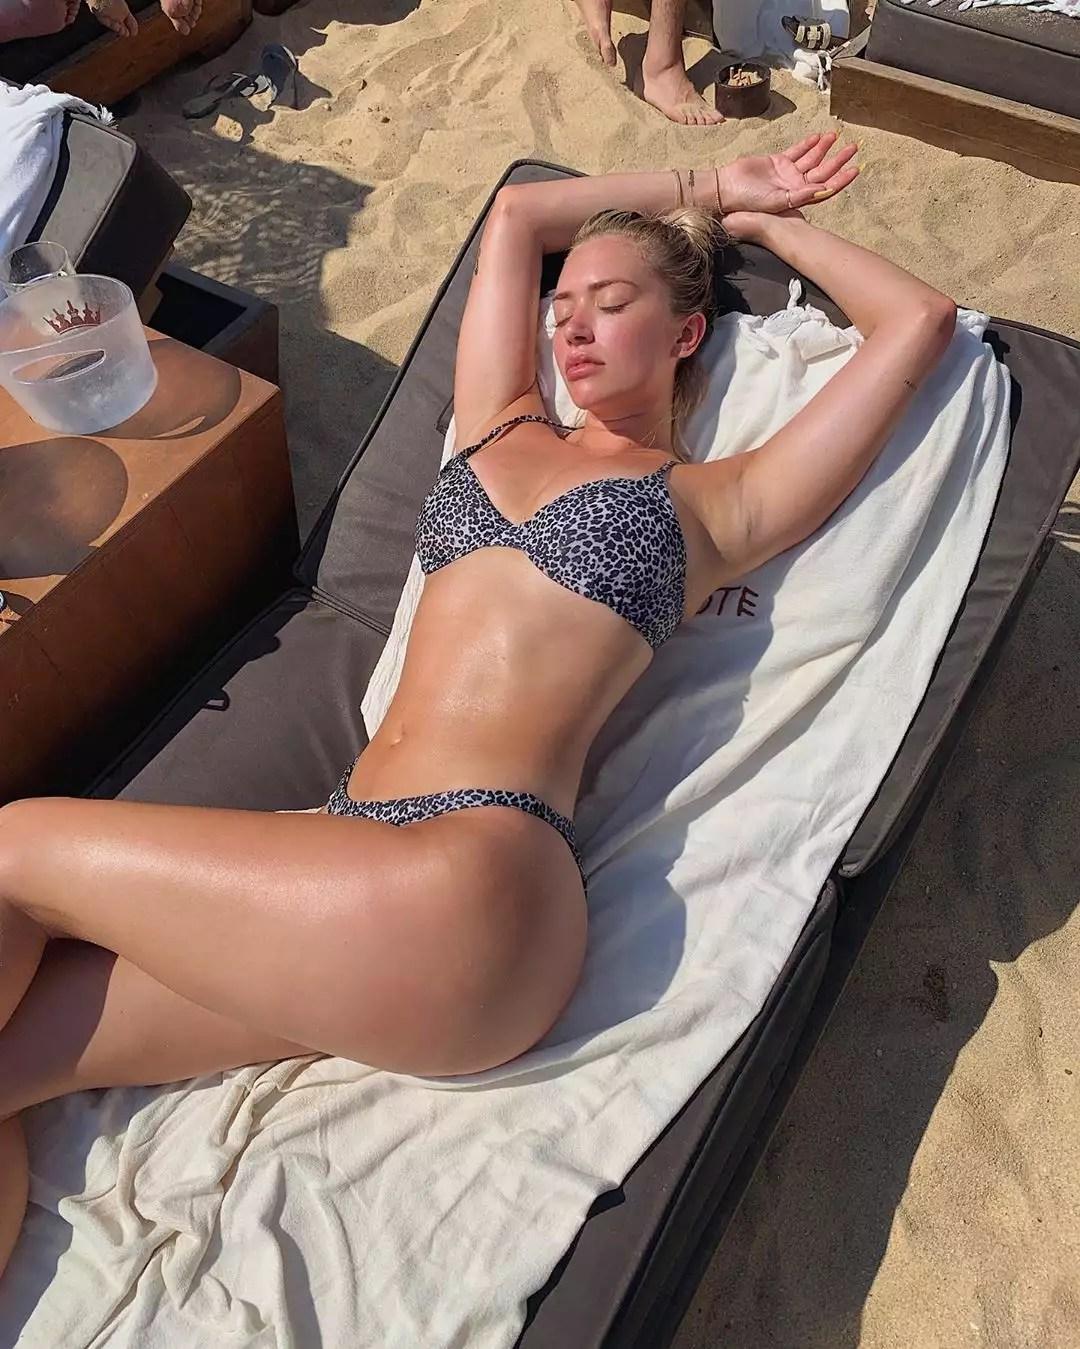 Η Ελληνίδα κολλητή της Kylie Jenner κάνει διακοπές στην Μύκονο (Εικόνες)